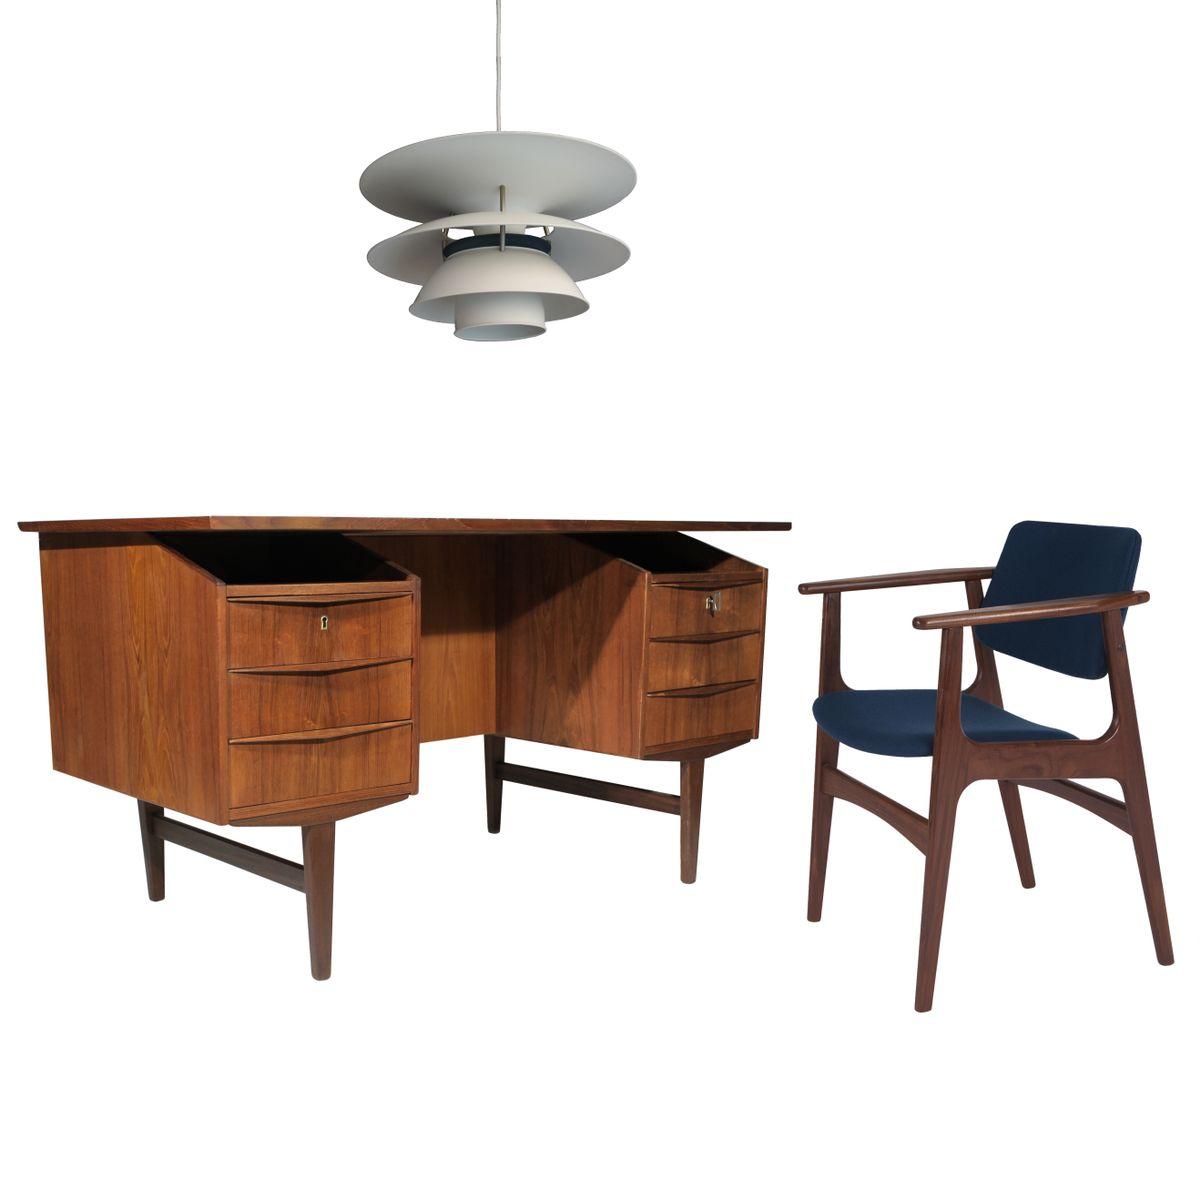 d nischer teak schreibtisch mit schubladen ablagen 1960 bei pamono kaufen. Black Bedroom Furniture Sets. Home Design Ideas